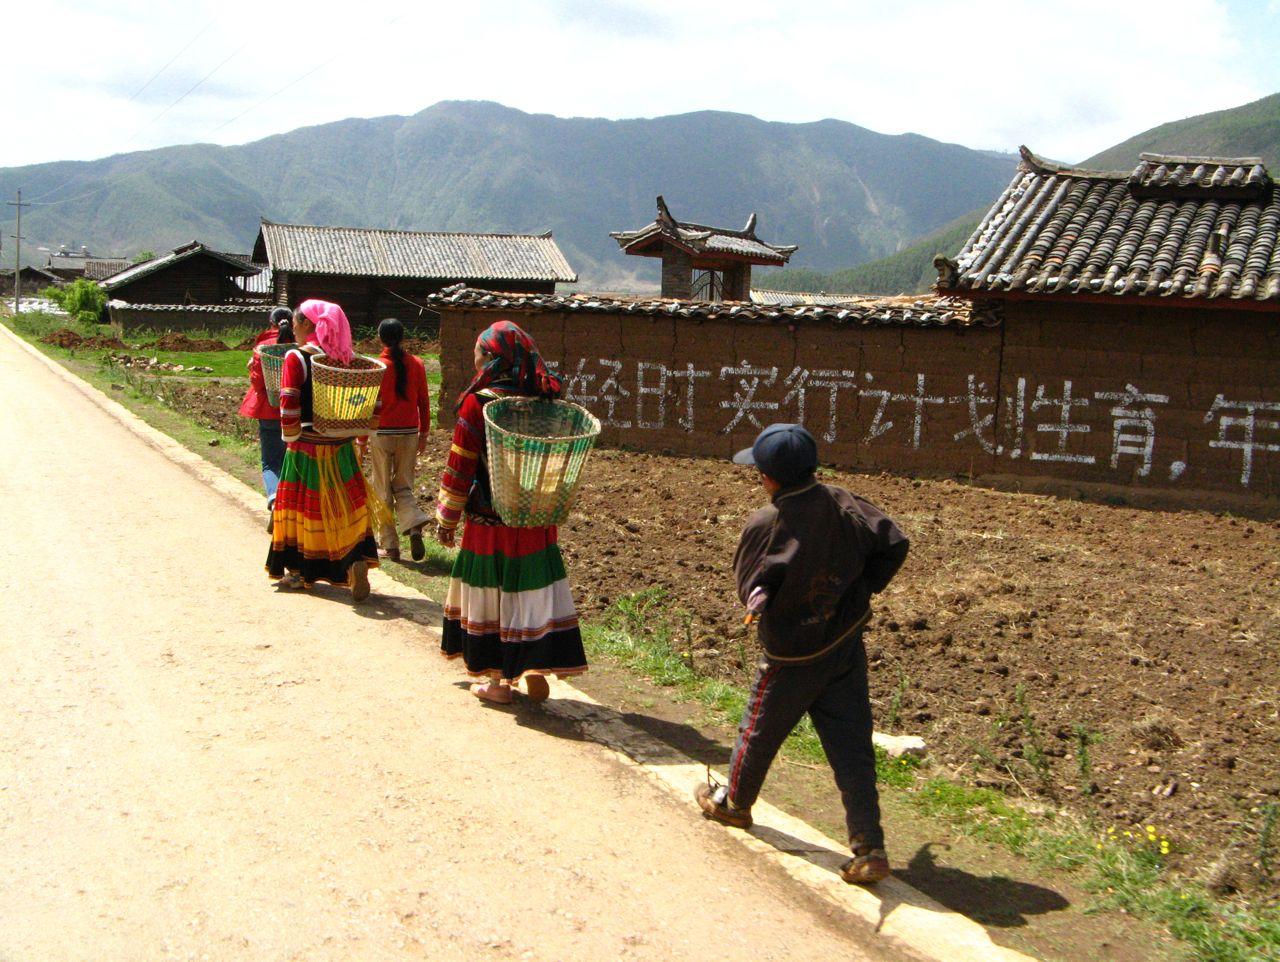 Nosu women carrying baskets